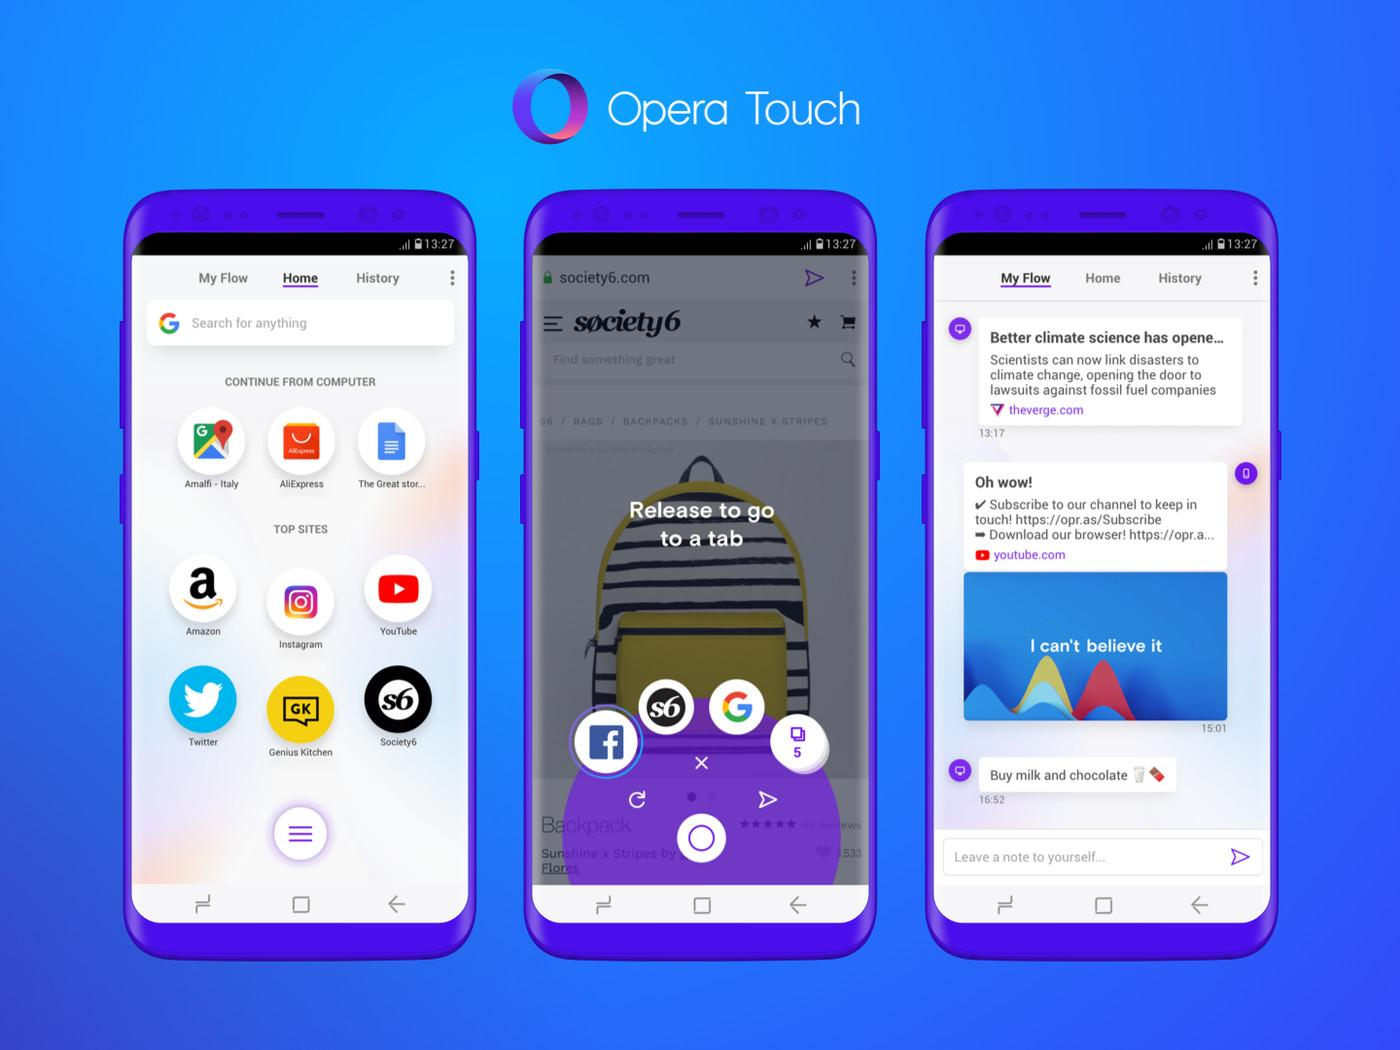 Navegador Opera Touch